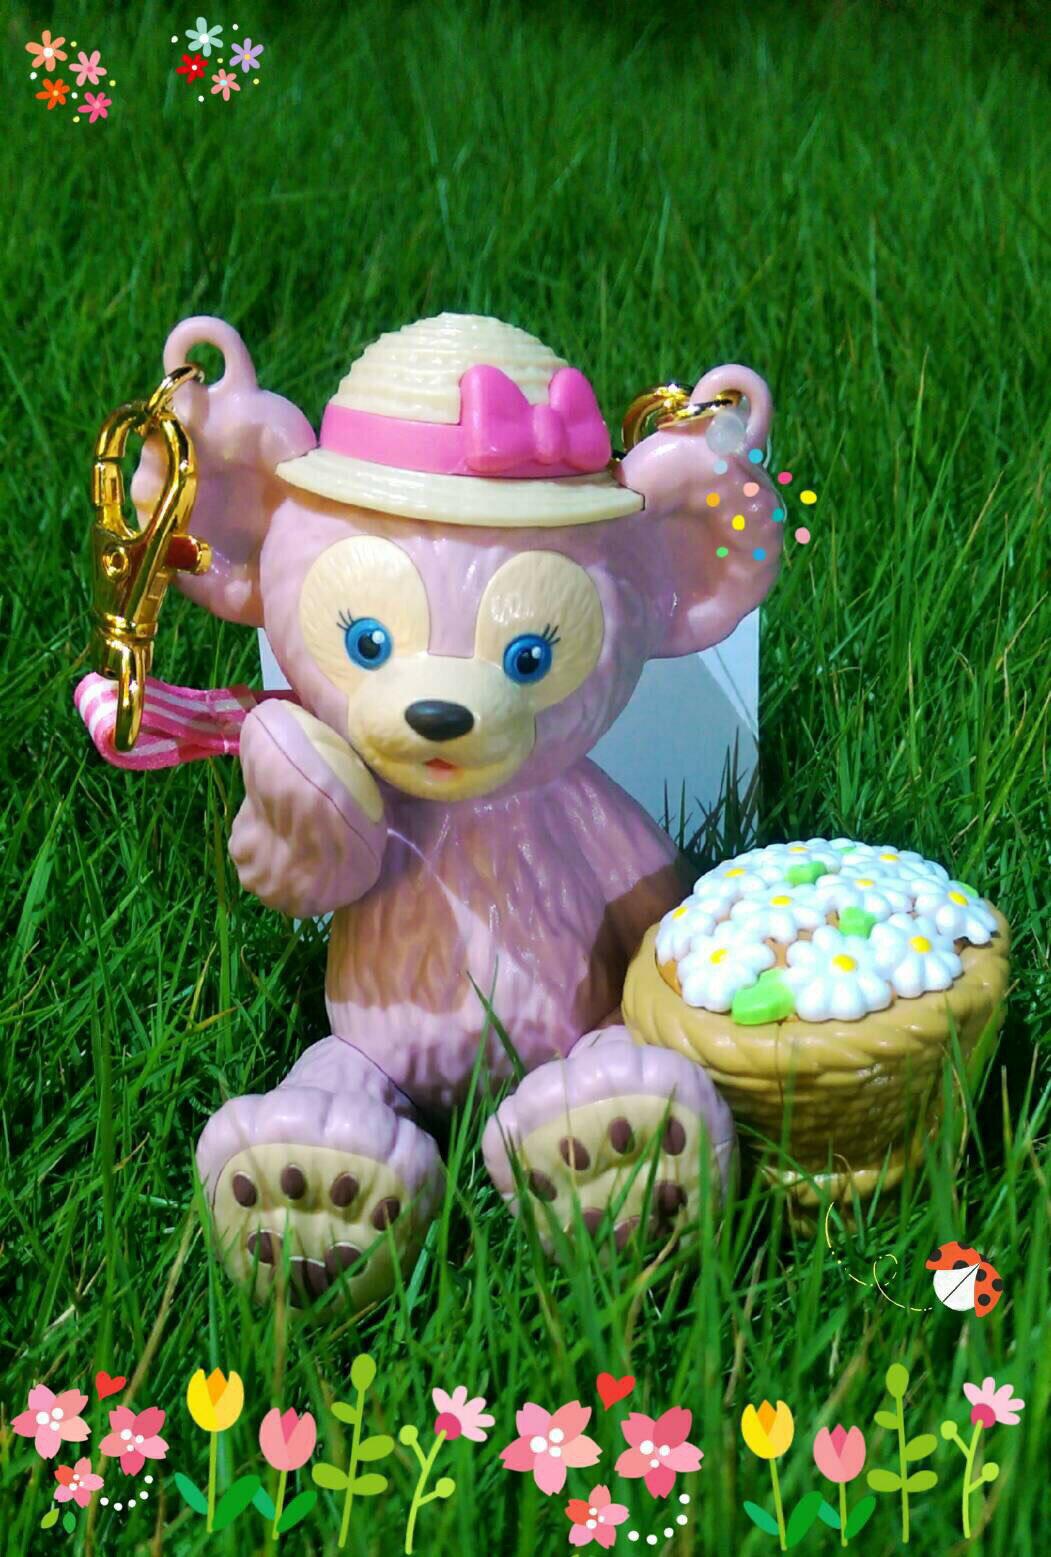 【真愛日本】16082700027樂園造型糖果罐附掛繩-雪莉玫花籃  雪莉玫 Duffy 達菲熊&ShellieMay 收納罐 日本帶回